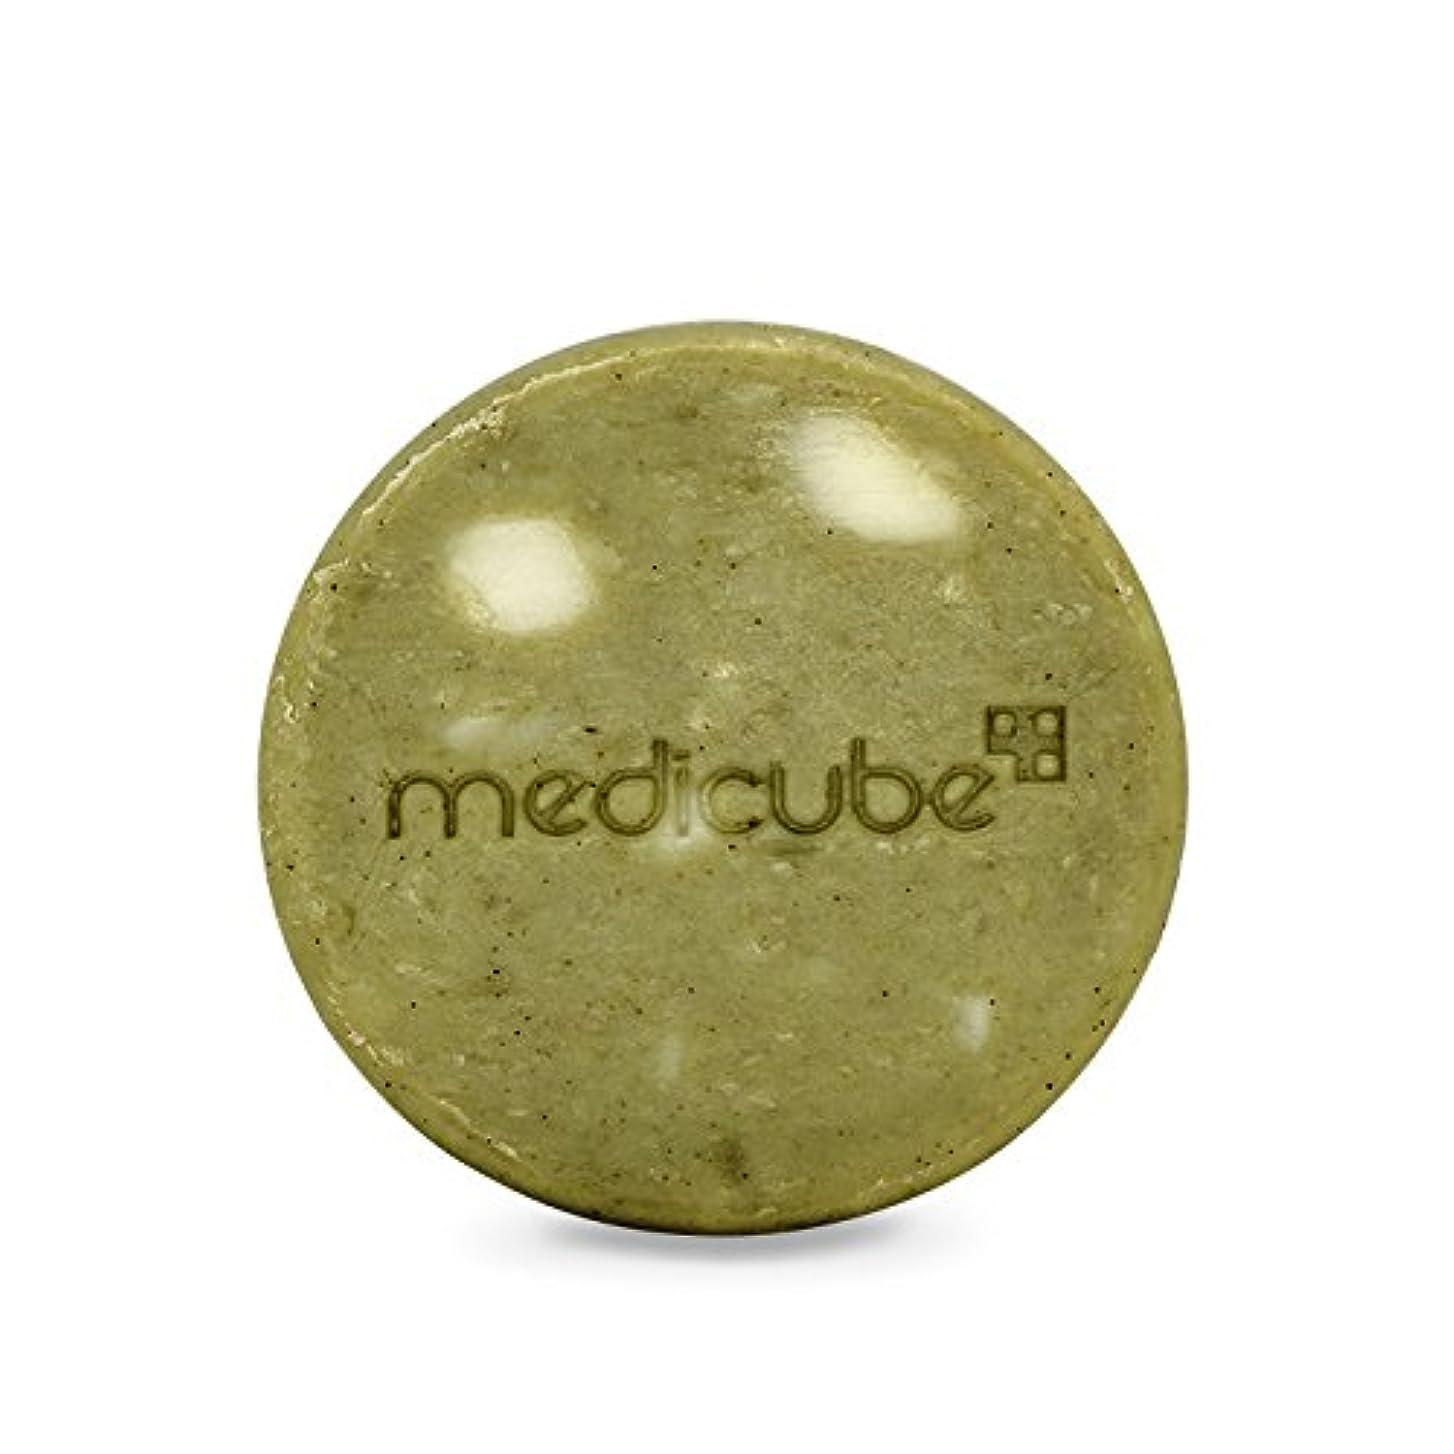 砂利ワーム舗装する[Medicube]Red Body Bar / メディキューブレッドボディバー / 正品?海外直送商品 [並行輸入品]